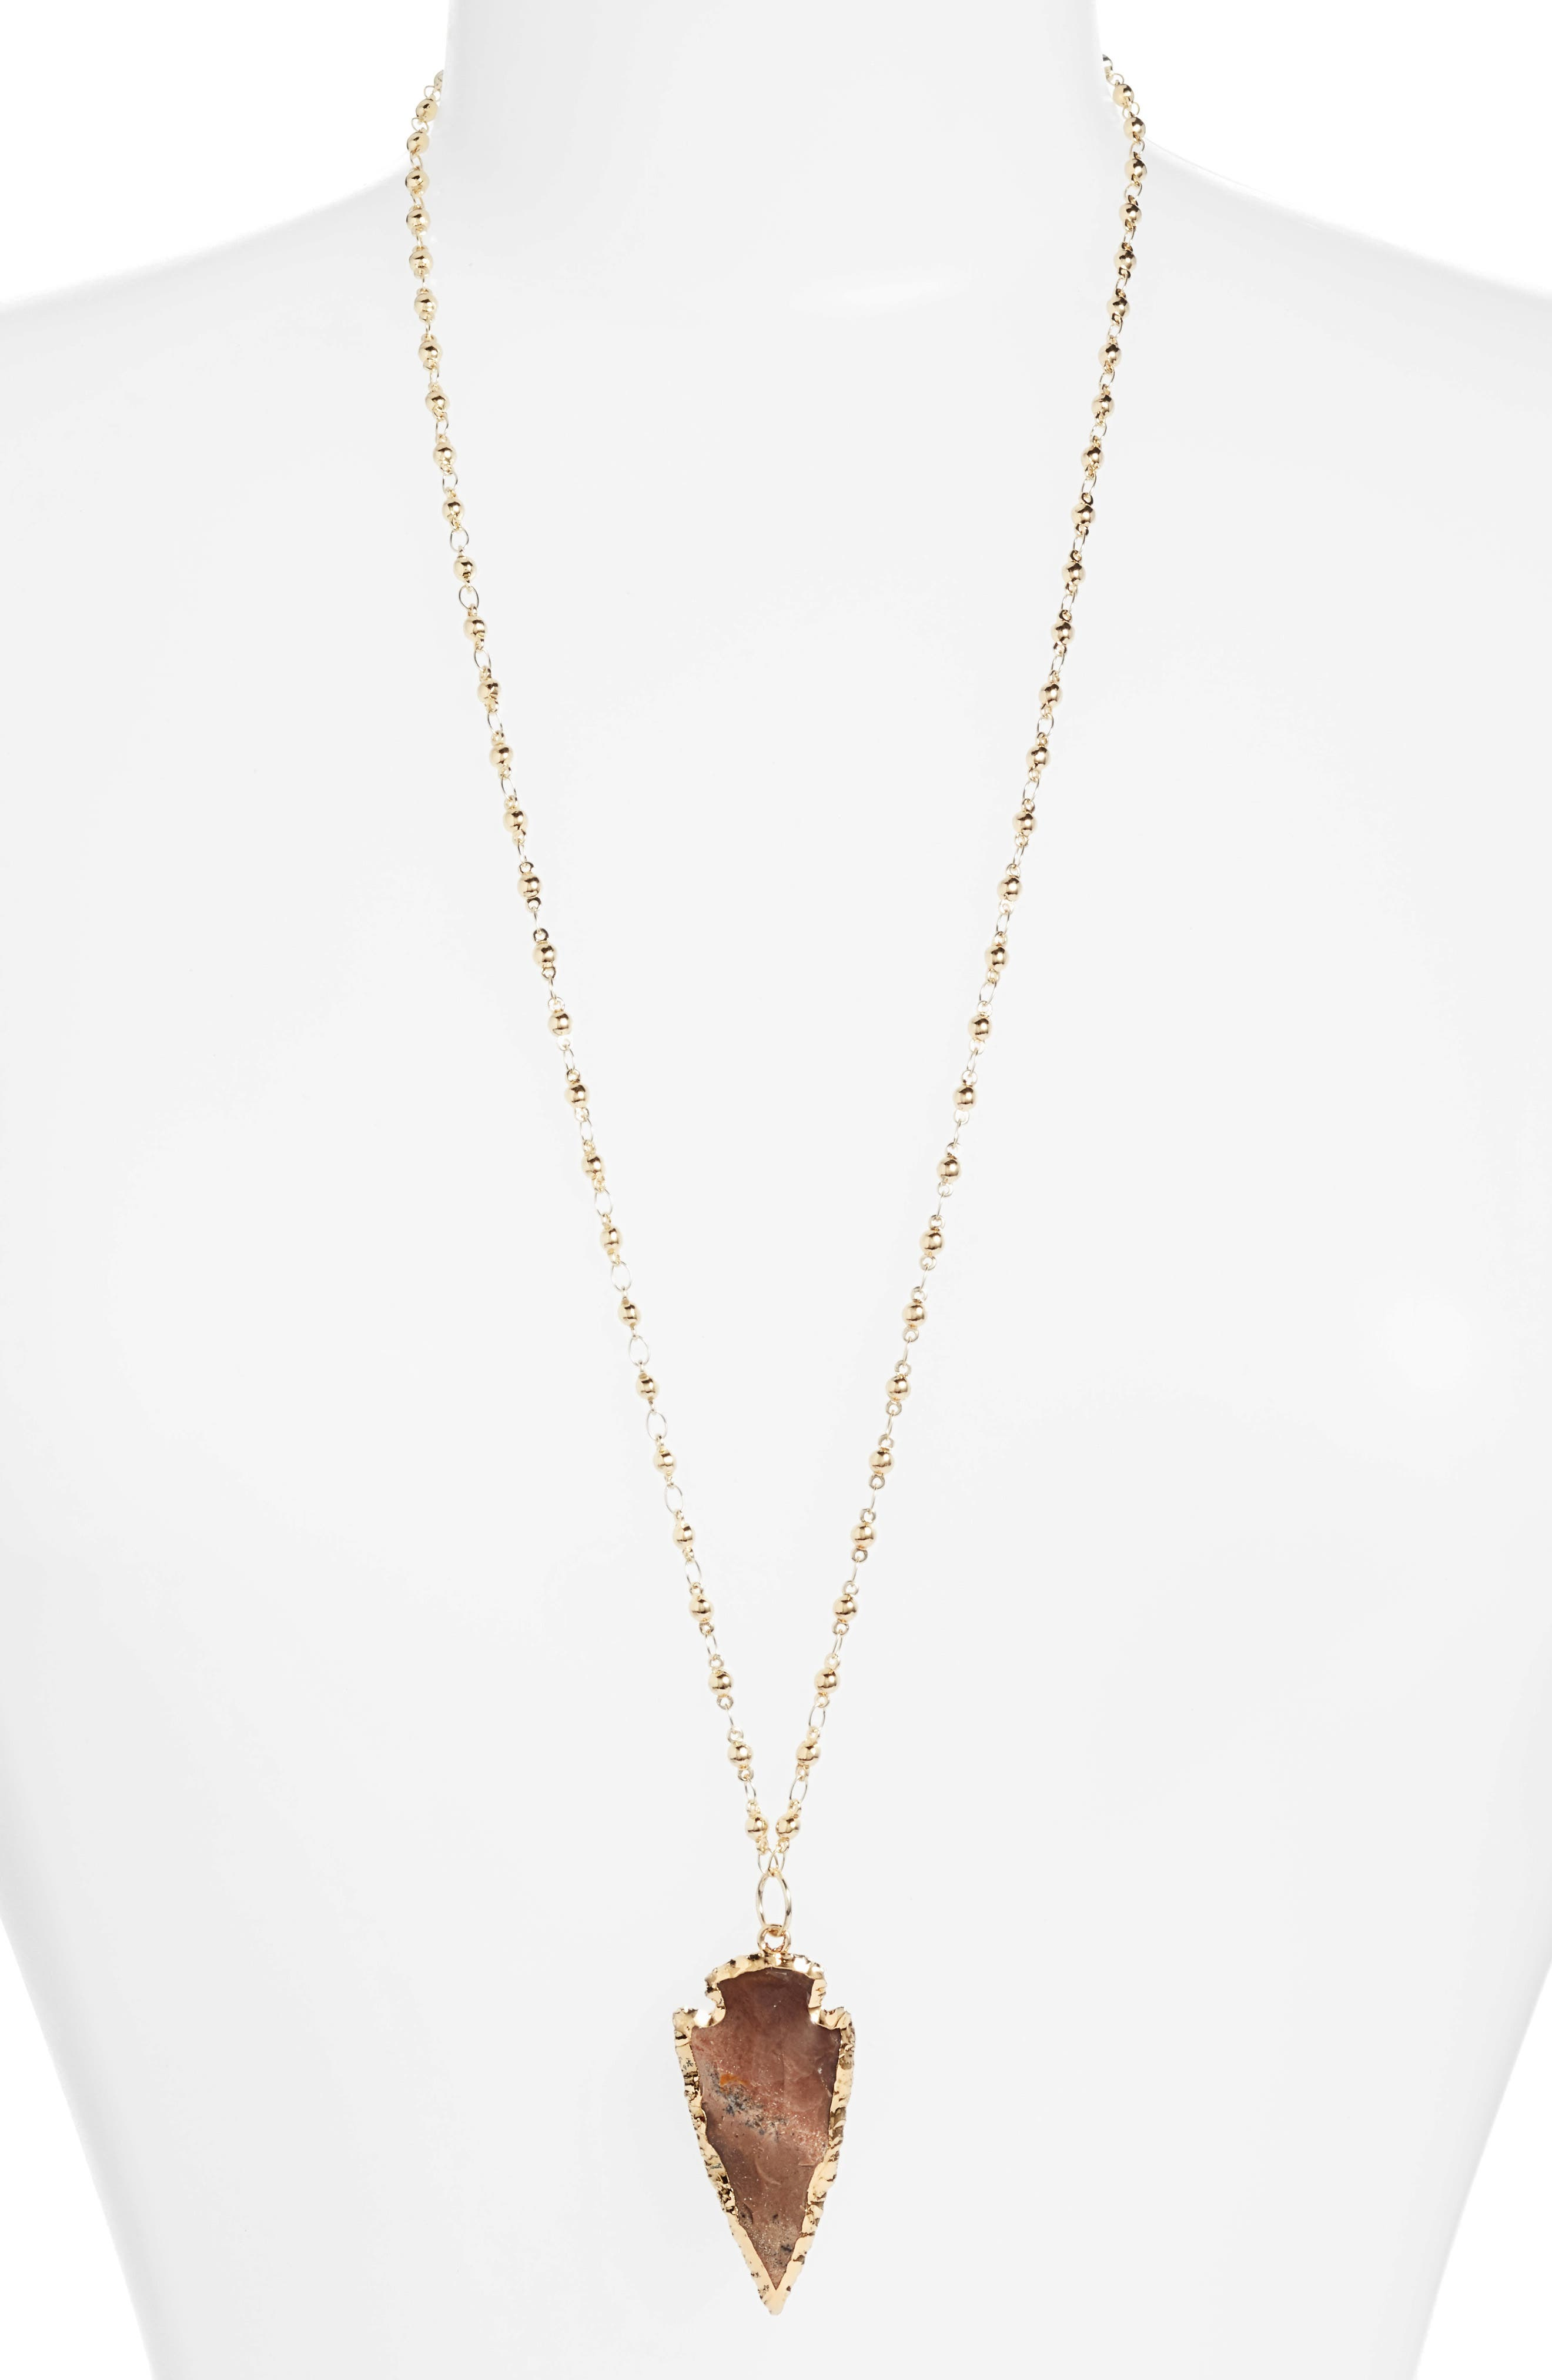 Elise M. Sahara Arrowhead Necklace